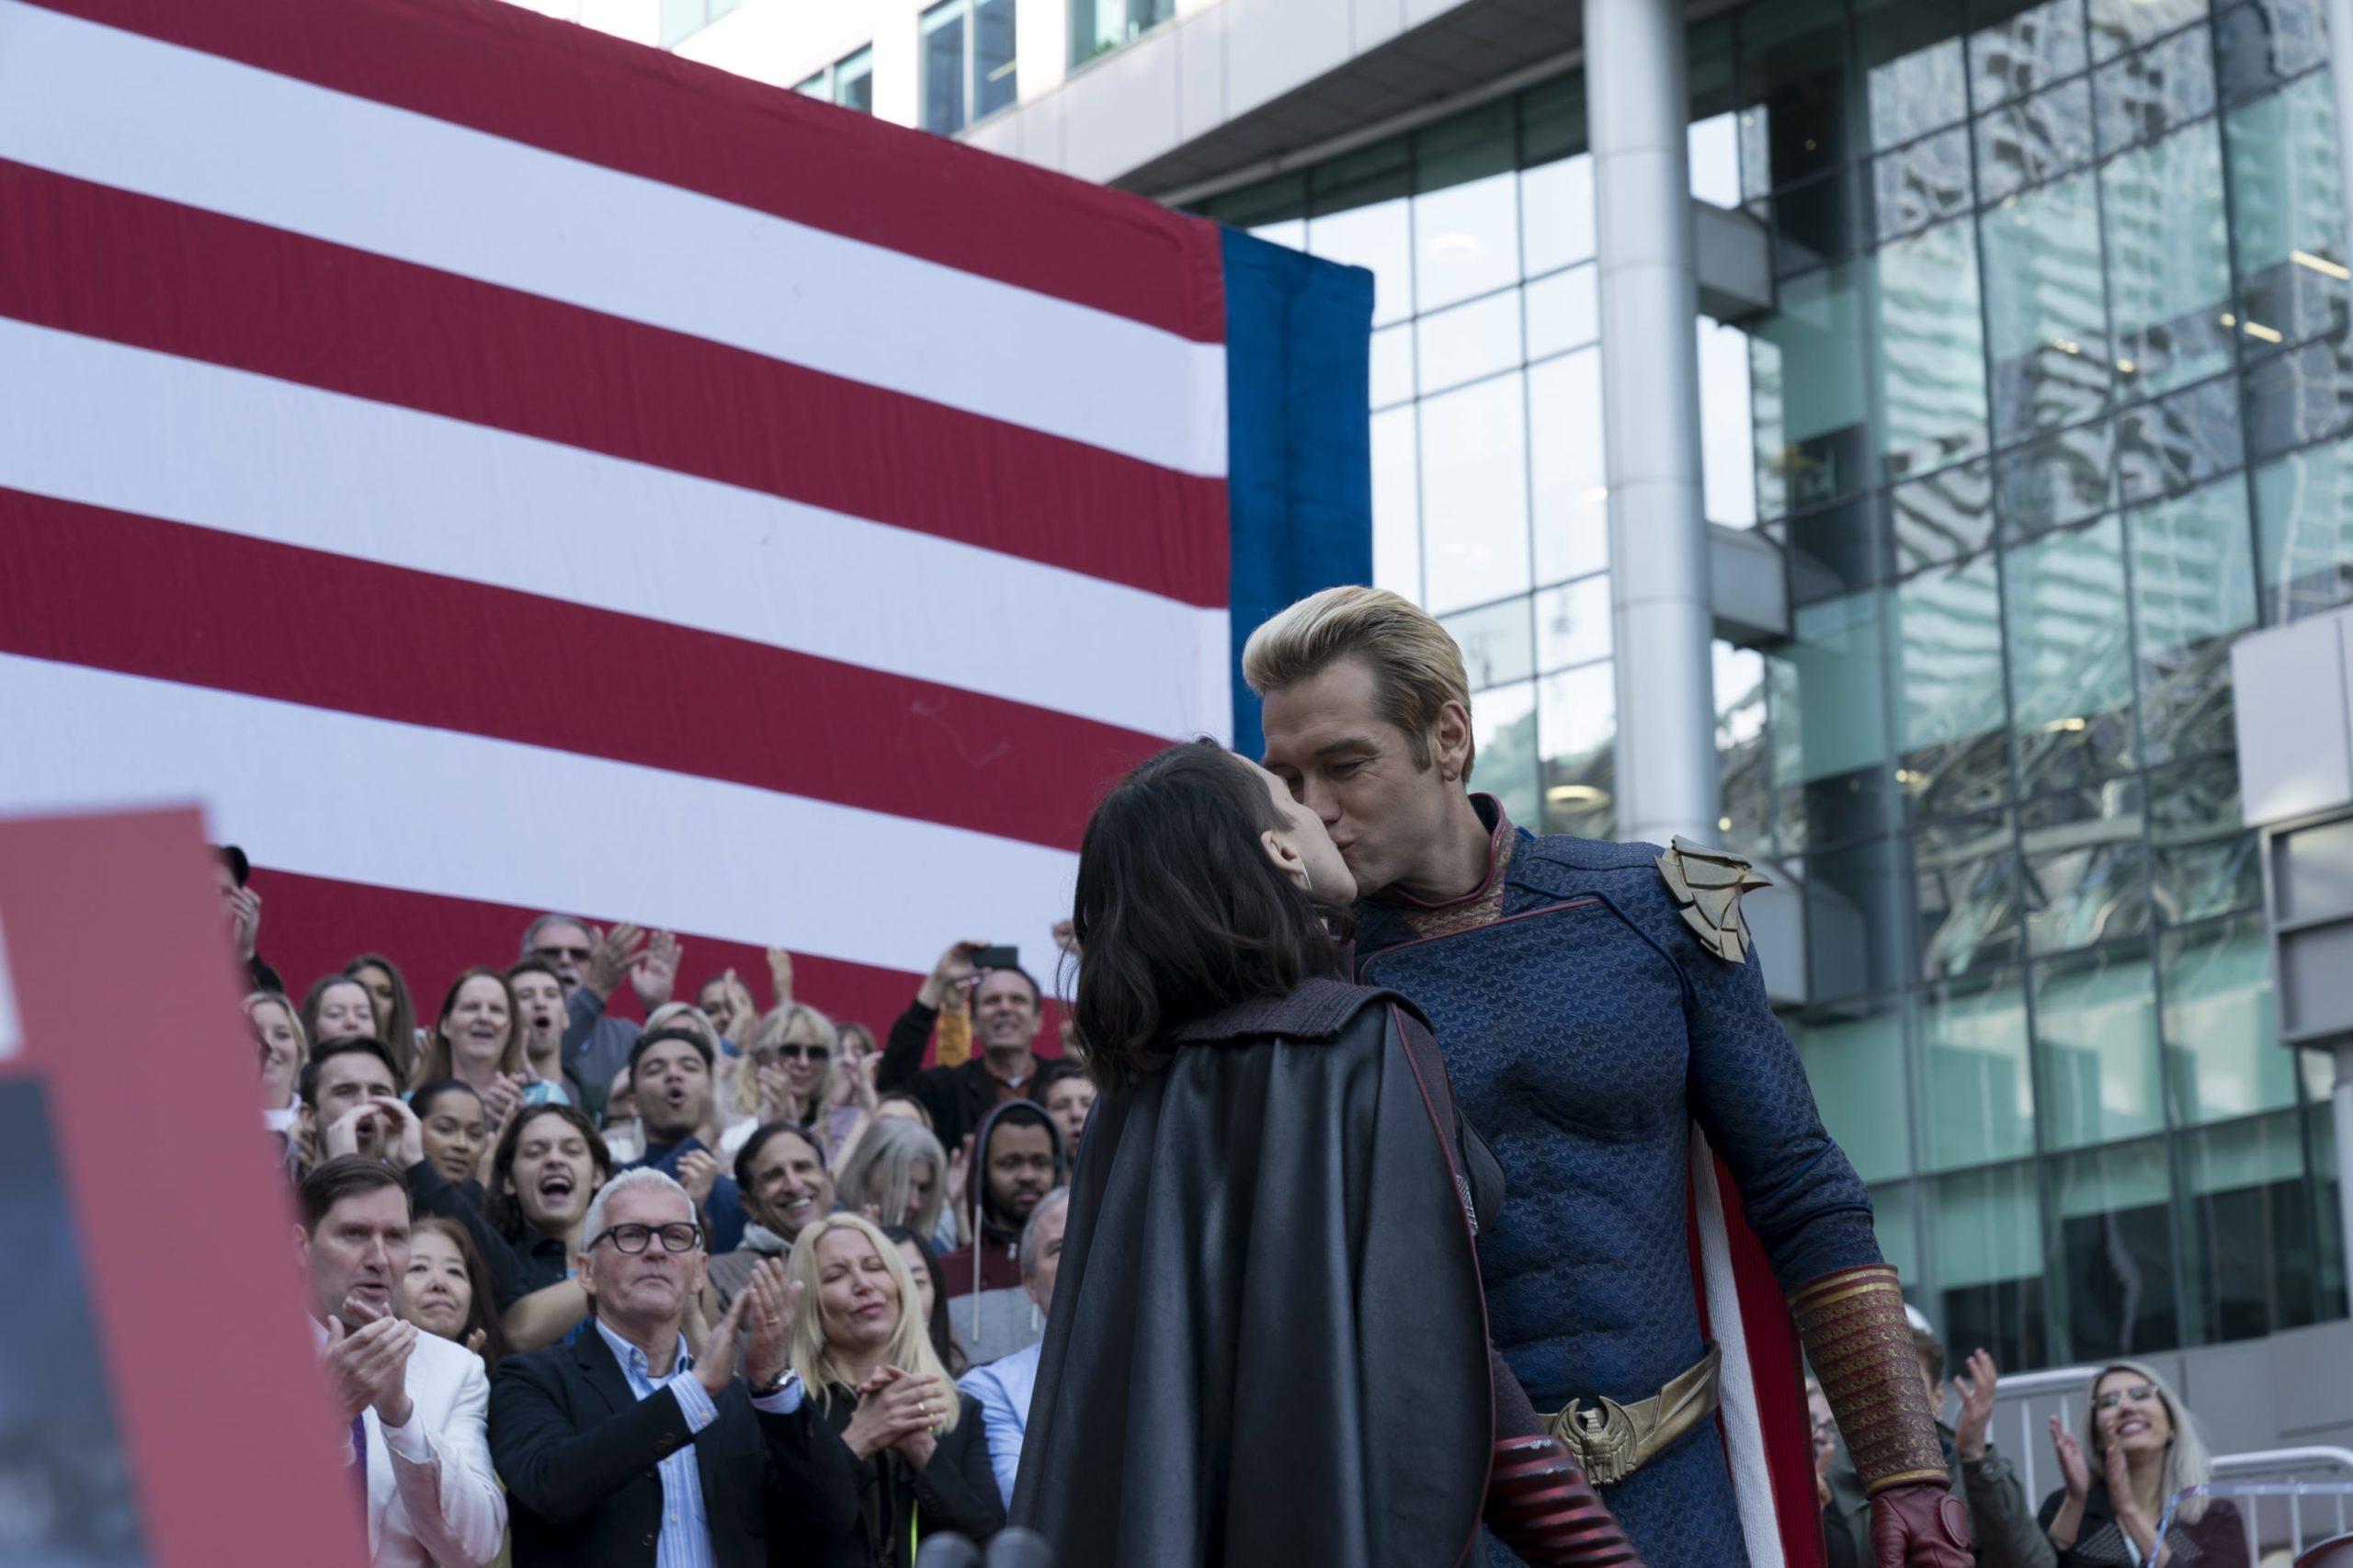 Cena da segunda temporada de The Boys. Ao centro da imagem, em frente a uma bandeira dos Estados Unidos e a uma arquibancada lotada de gente aplaudindo e sorrindo, vemos as personagens Tempesta e Capitão Pátria, vestindo seus uniformes de herói, se beijando.